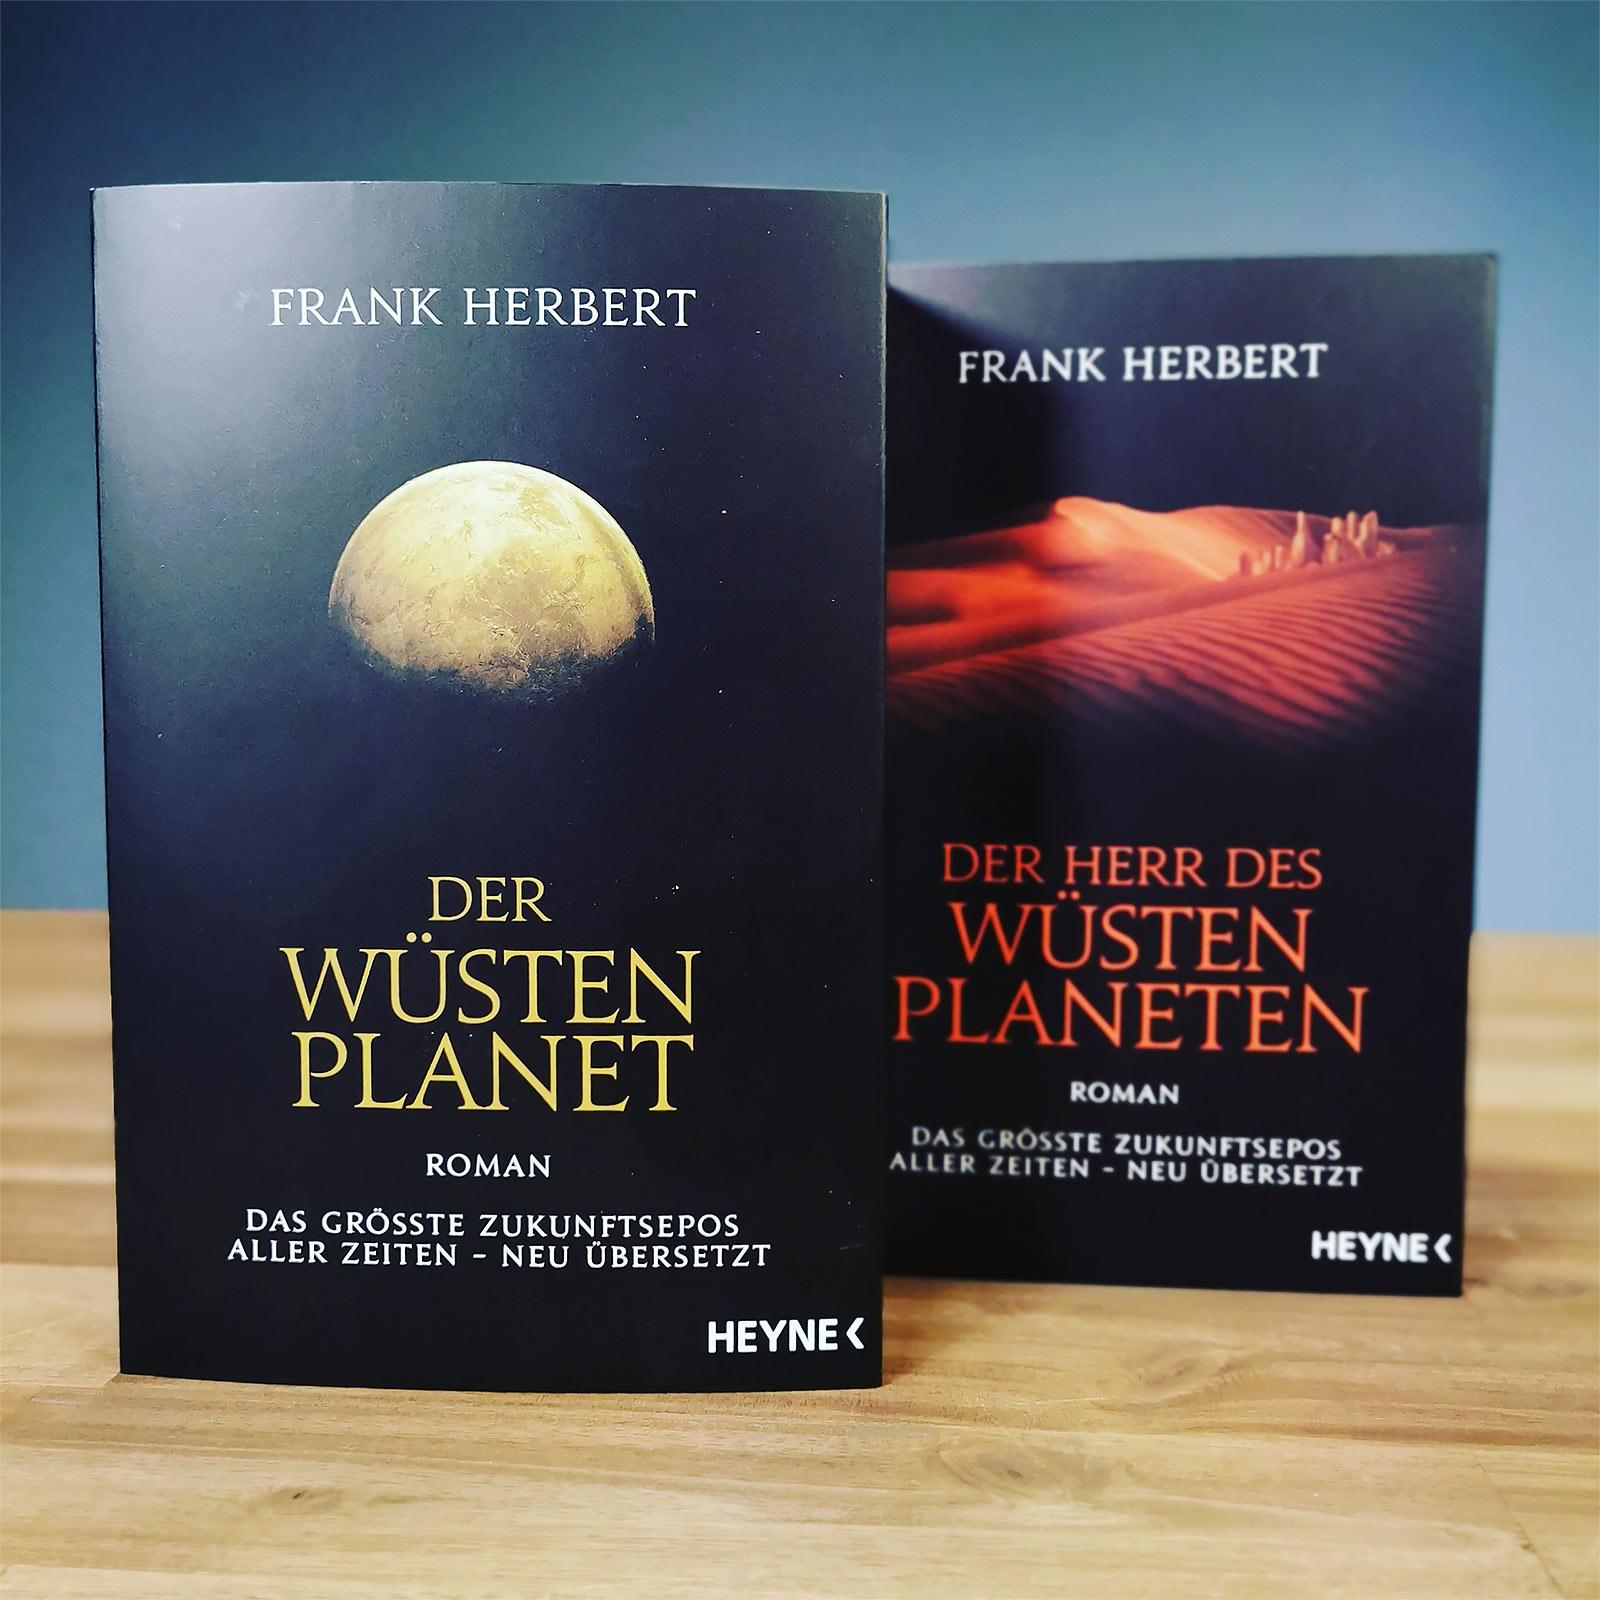 Der Herr des Wüstenplaneten - Roman